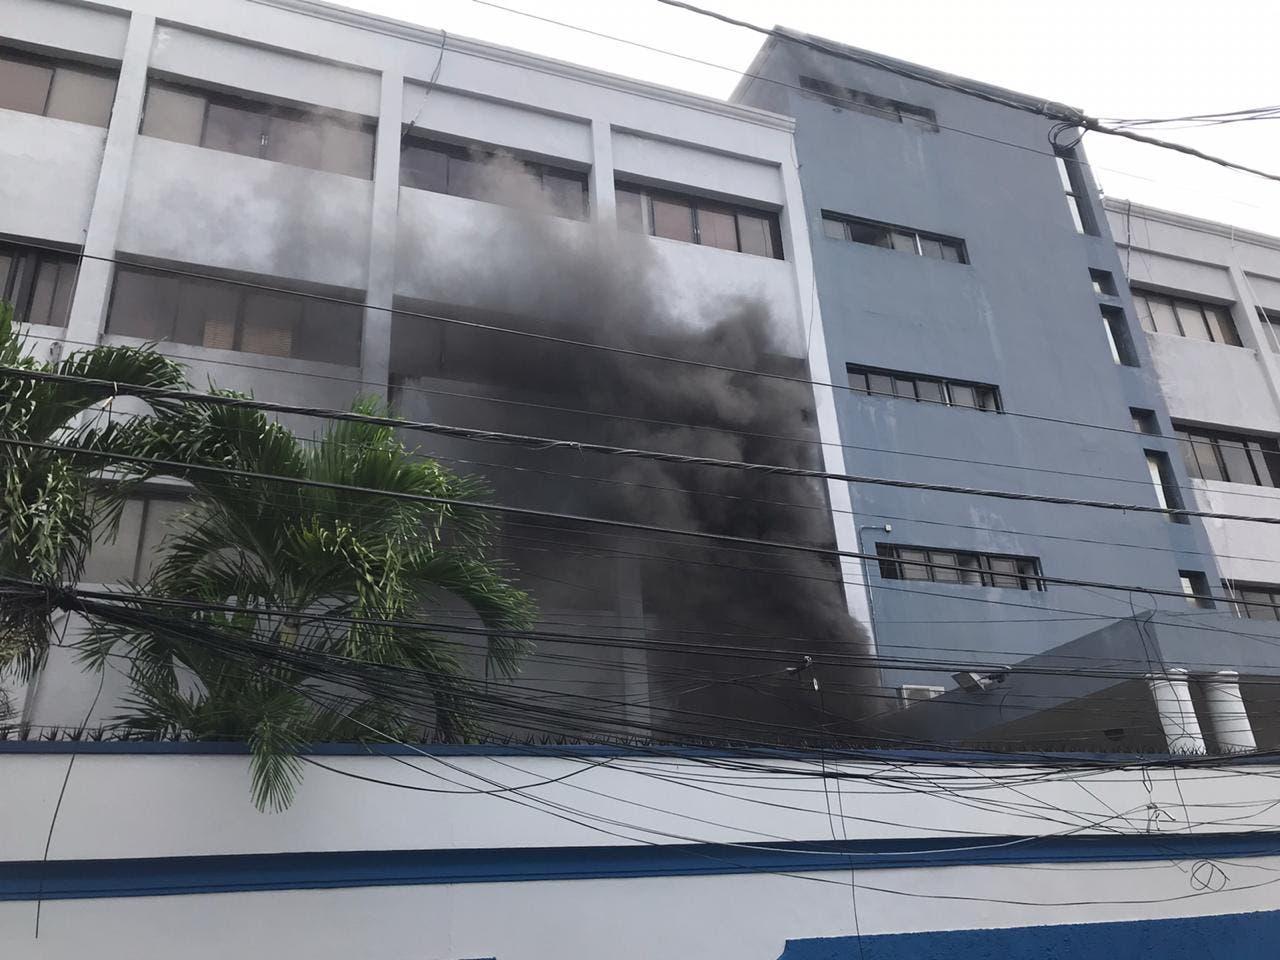 Salud Pública pierde conectividad con Laboratorio Nacional por incendio; Hoy no habrá boletín